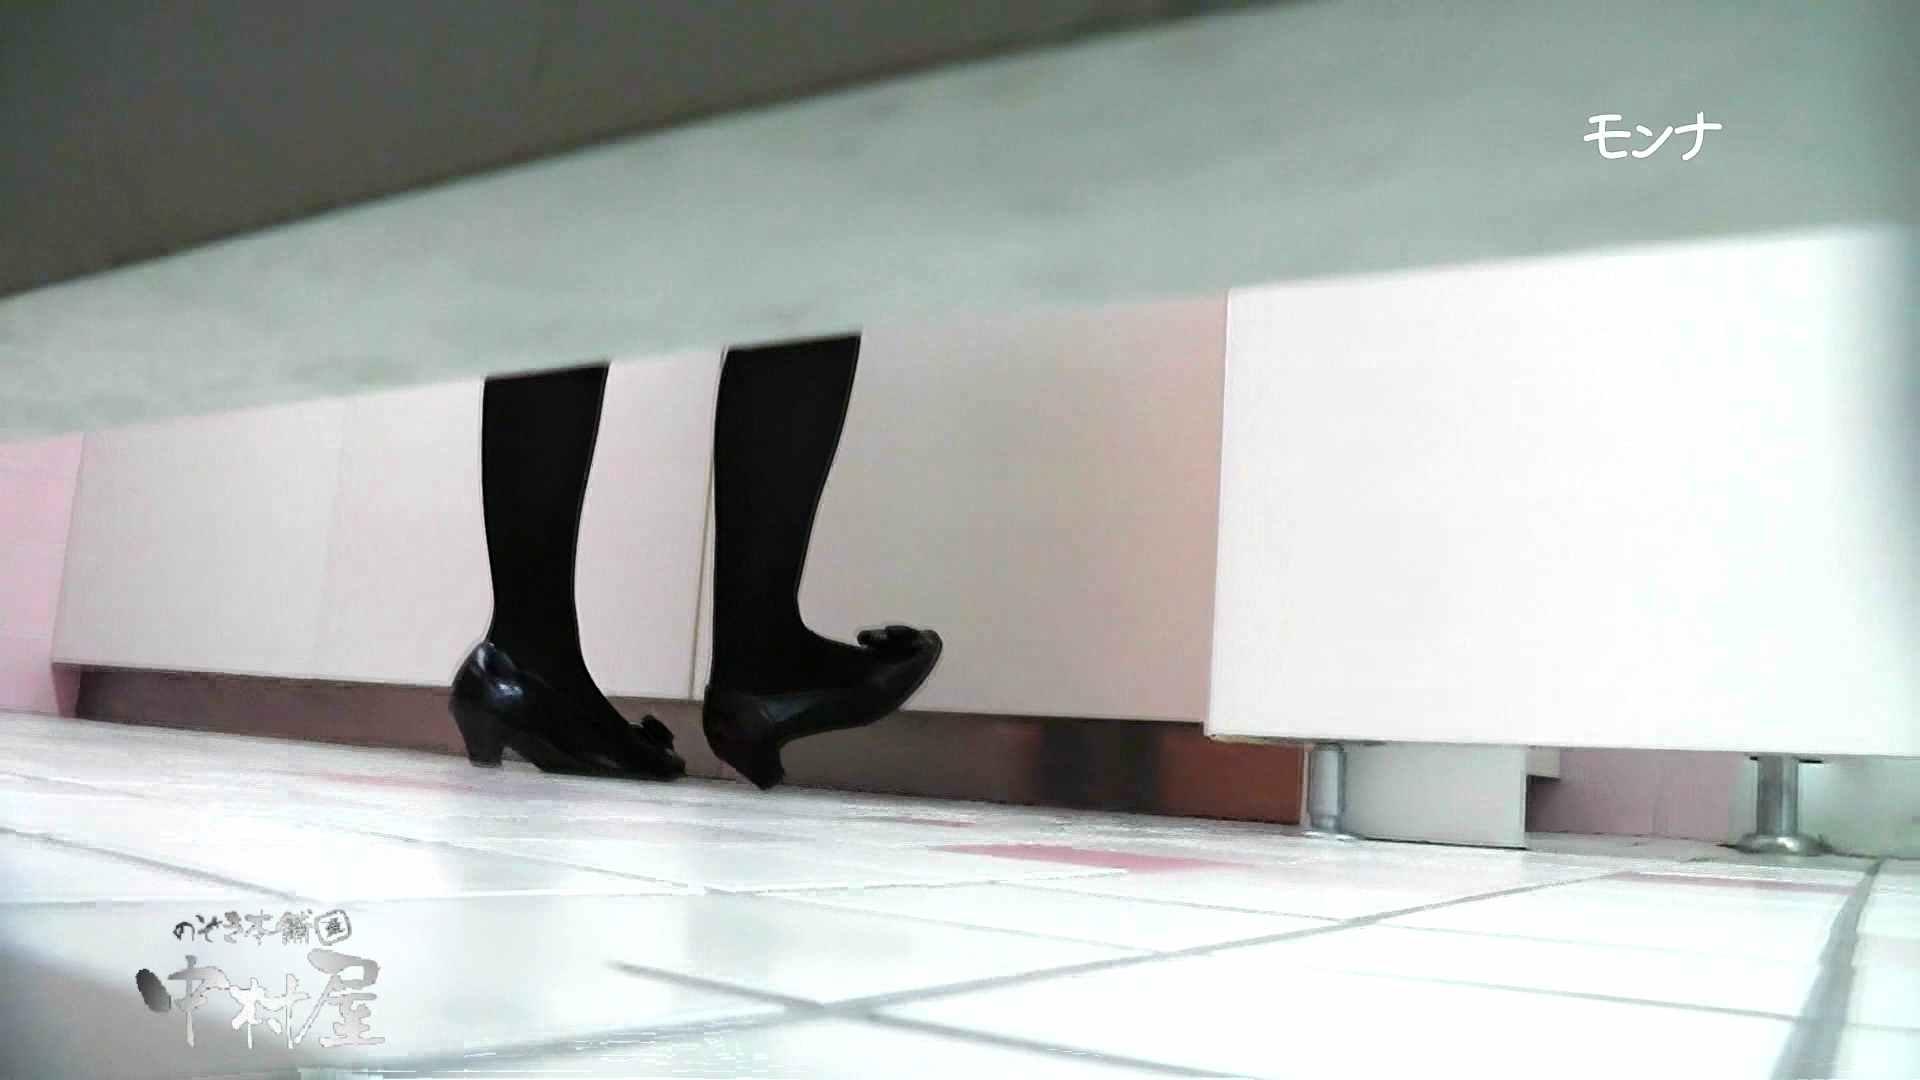 【美しい日本の未来】遂に!!戸田恵梨香似の予告モデル登場ダッシュで「大」後編 Hなモデル  105pic 64